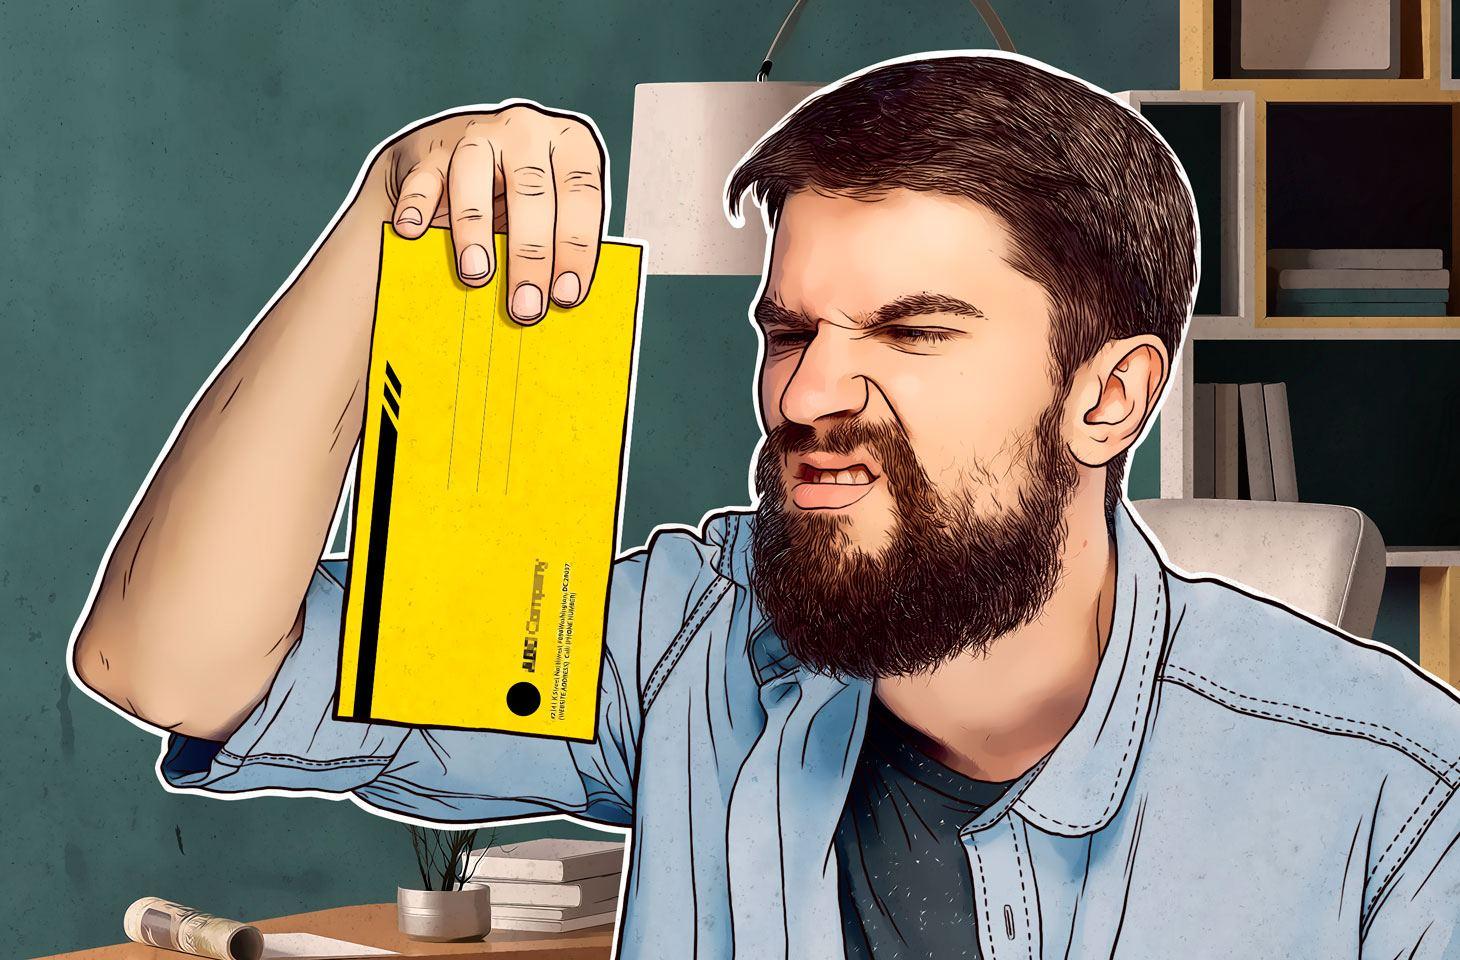 Infractorii distribuie e-mail-uri spam și de phishing din partea site-urilor unor companii legitime